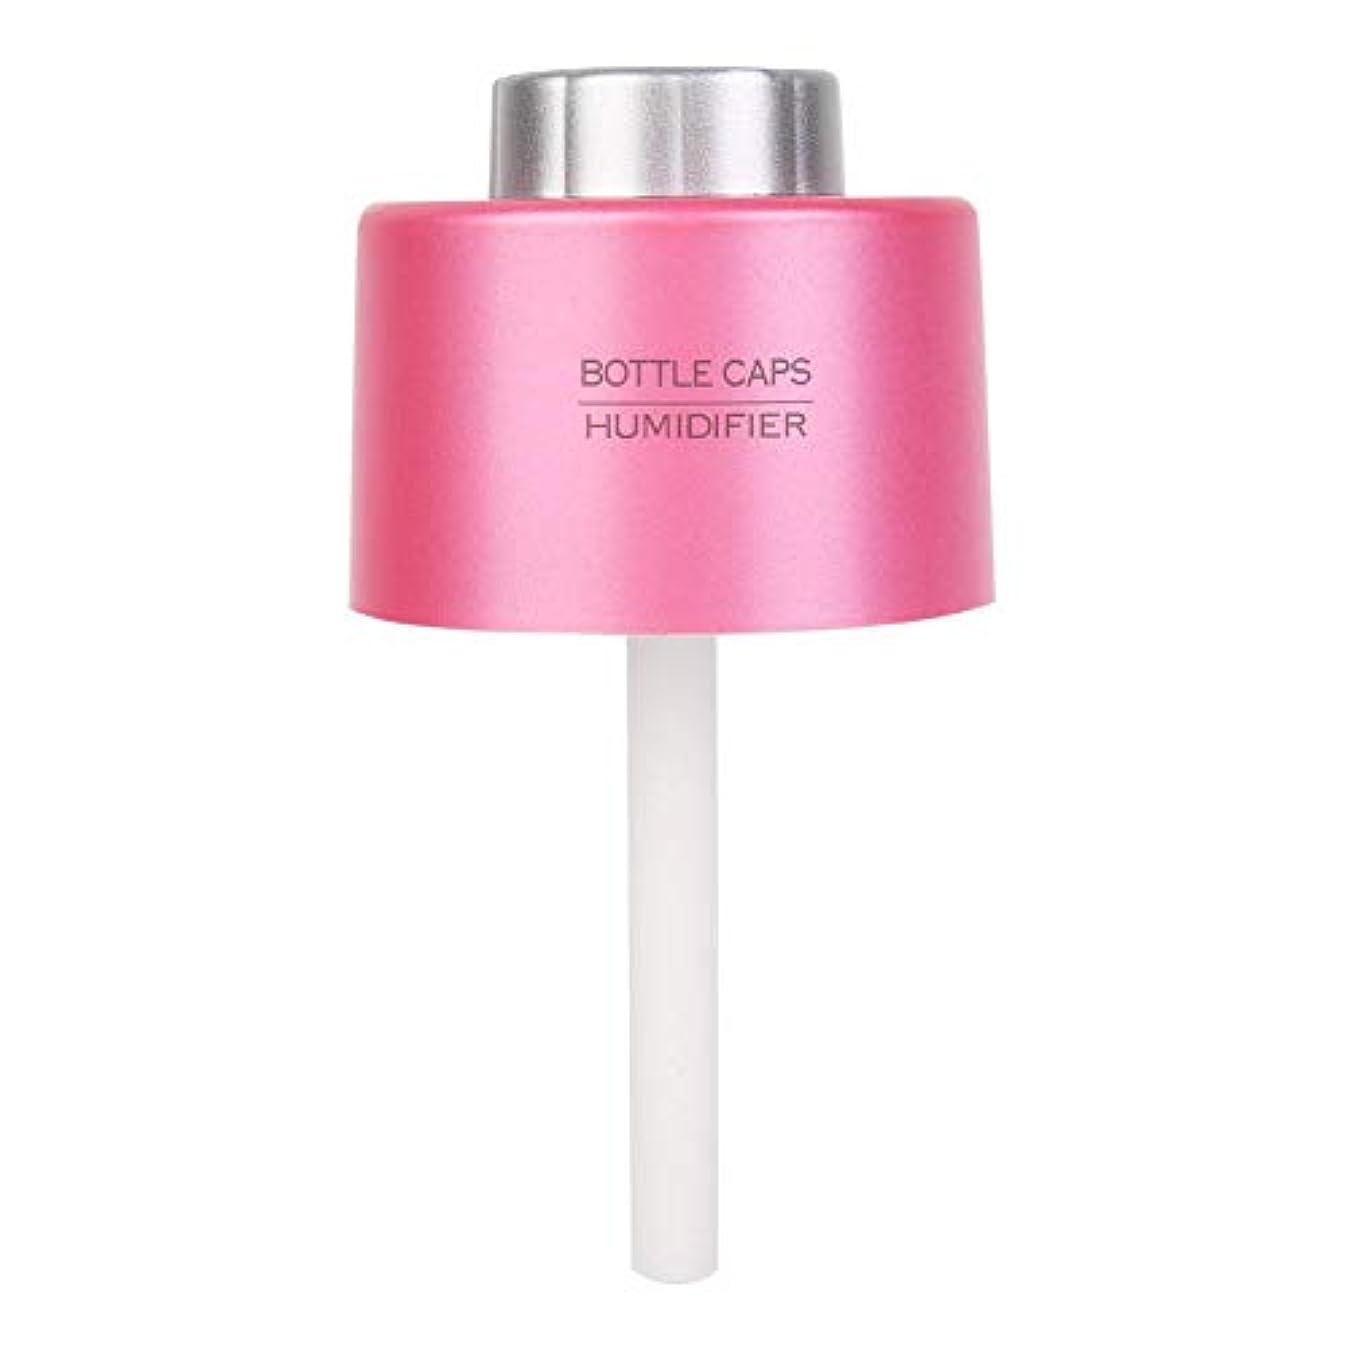 たくさんの行方不明牧師ポータブルミニウォーターボトルキャップ加湿器アロマエアディフューザーミストメーカーUSB(ピンク)